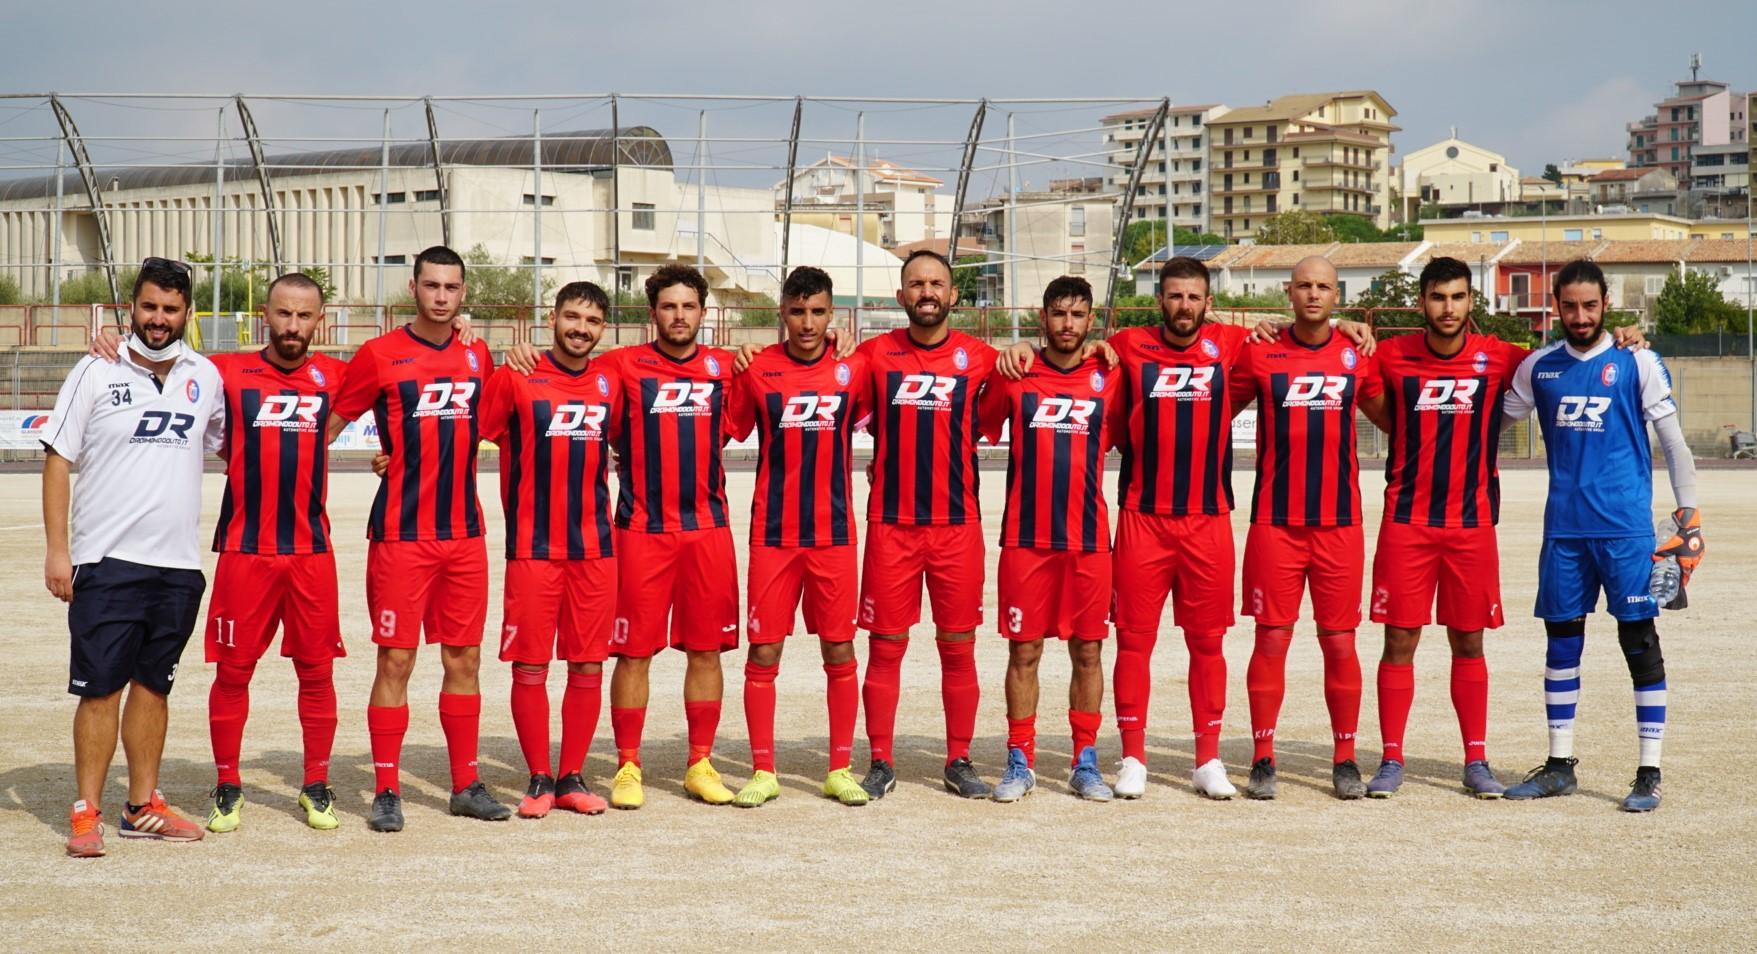 Calcio, Promozione:il Frigintini si arrende in casa al Priolo che vince con un gol di Zabatino ( 0 a 1 )